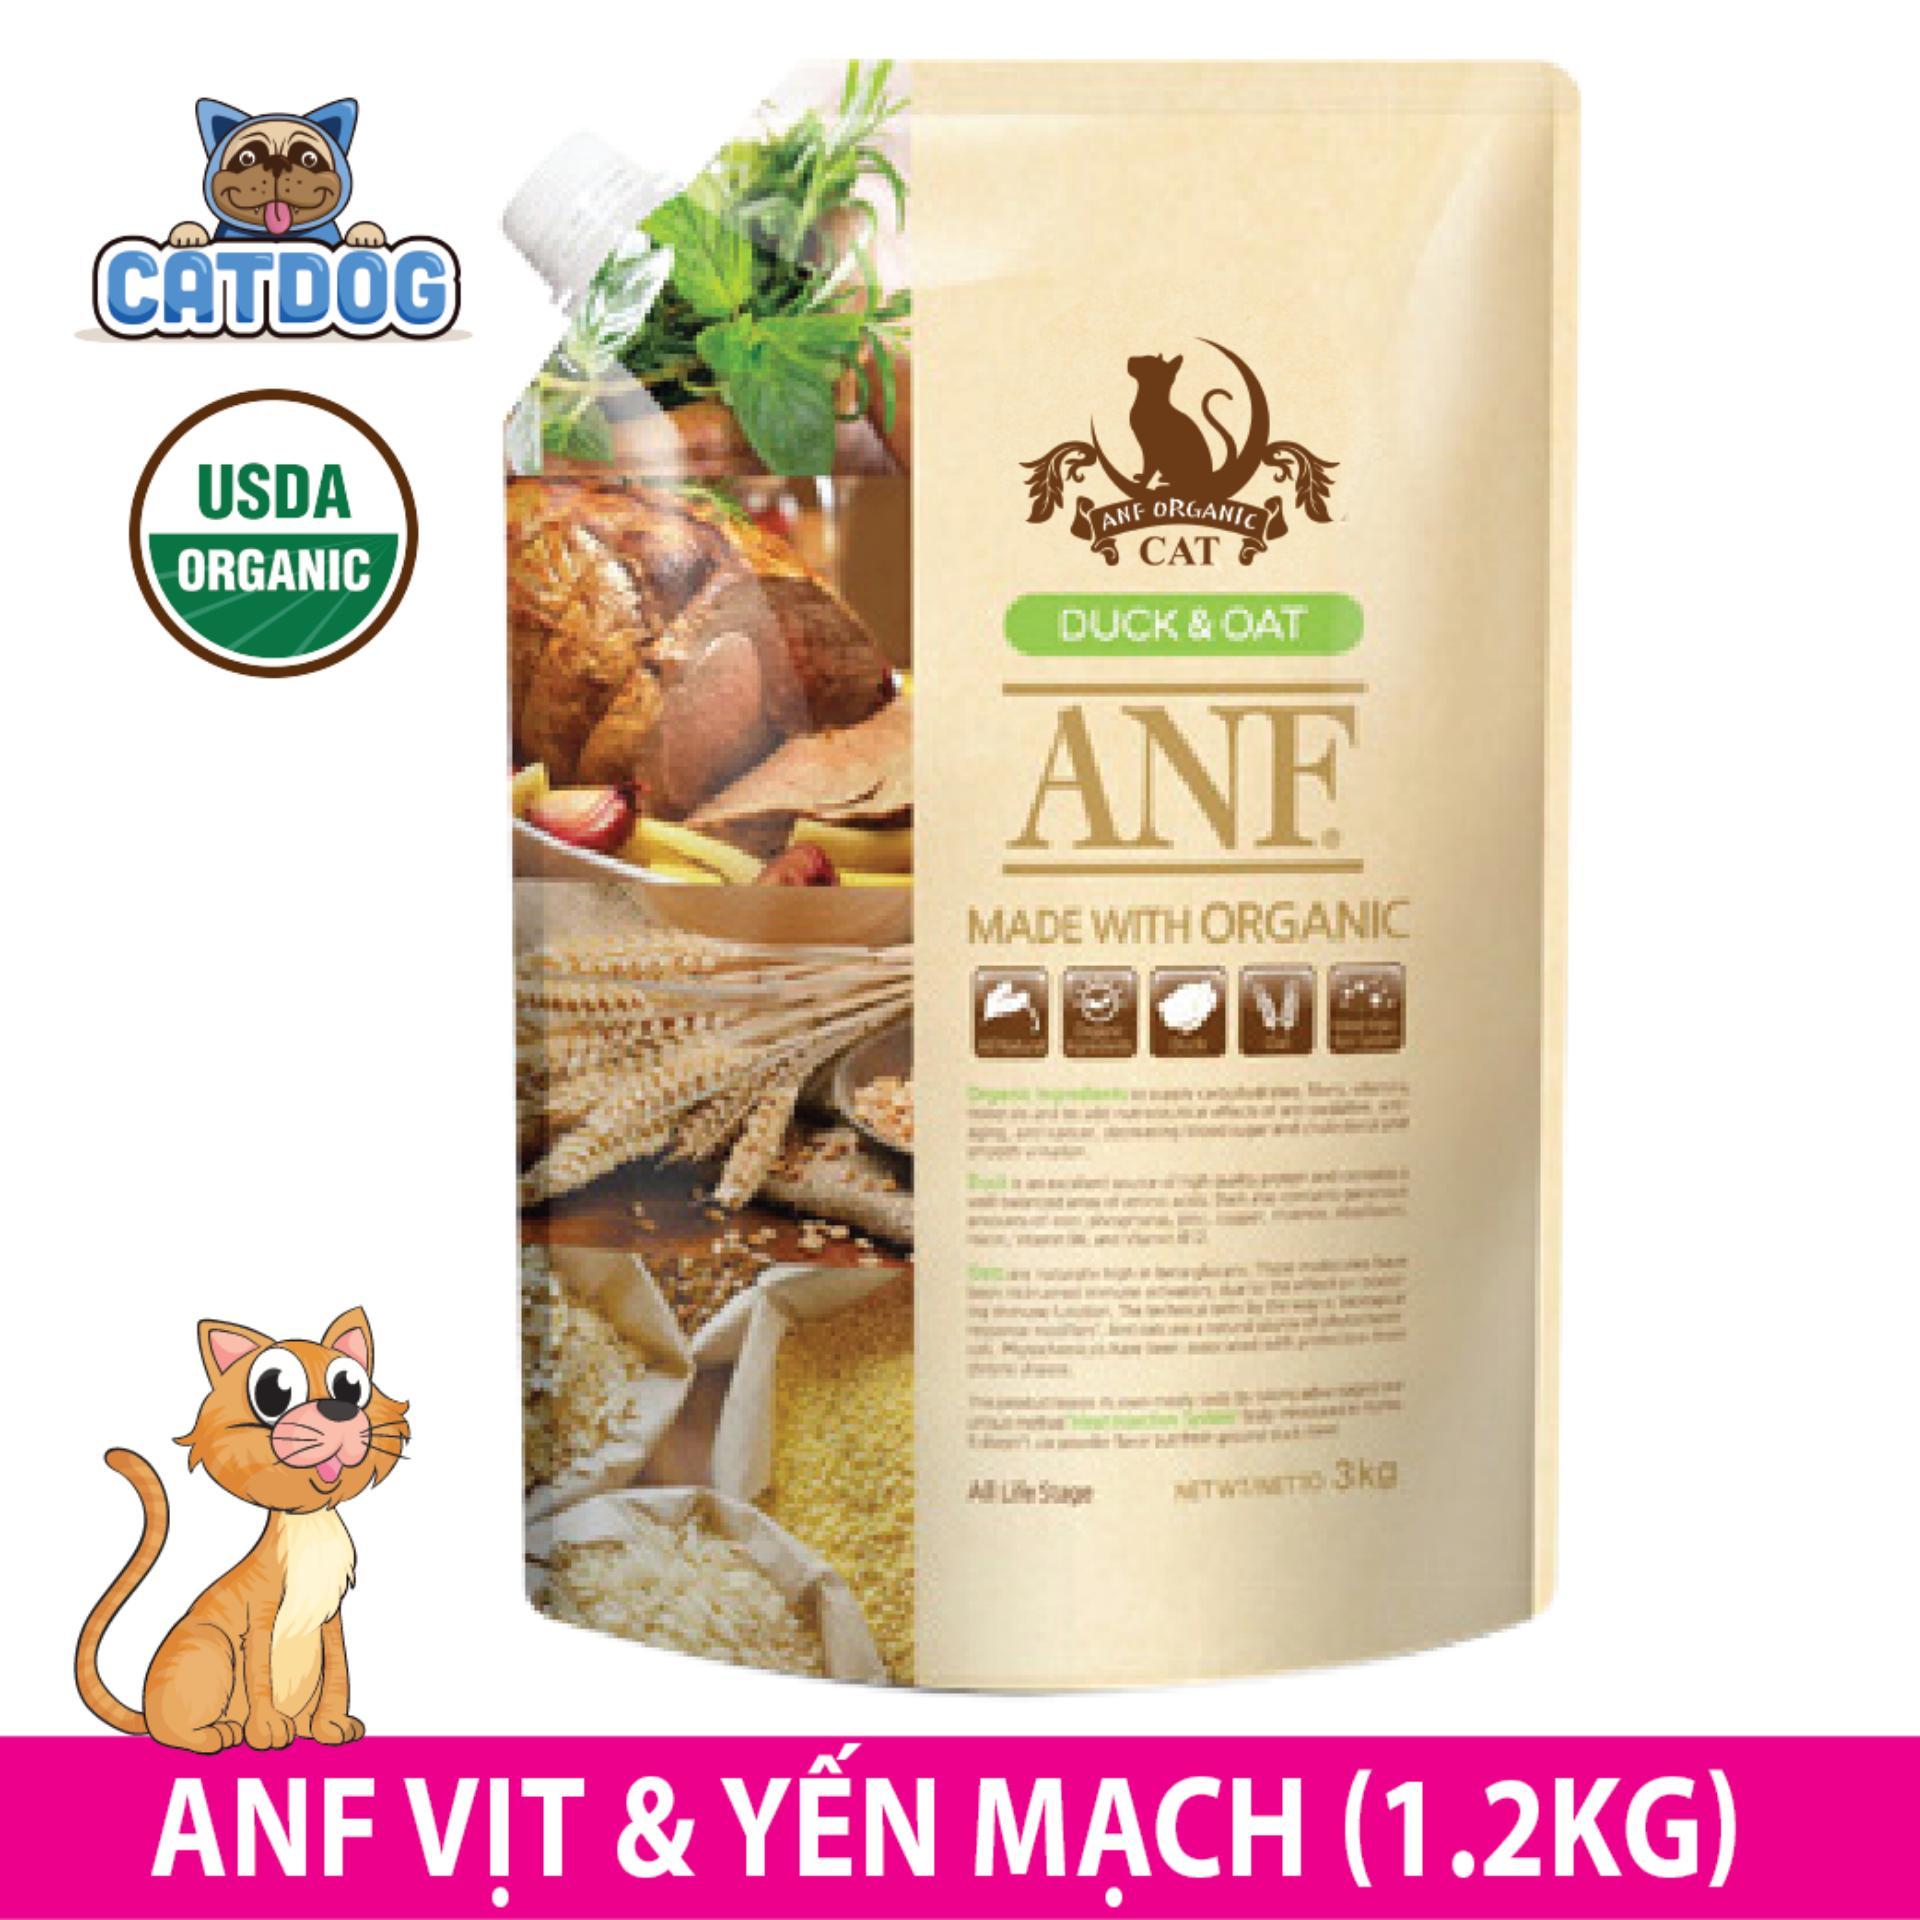 Bán Mua Hạt Anf Made With Organic Vị Vịt Yến Mạch 1 2Kg Meo Trong Hà Nội